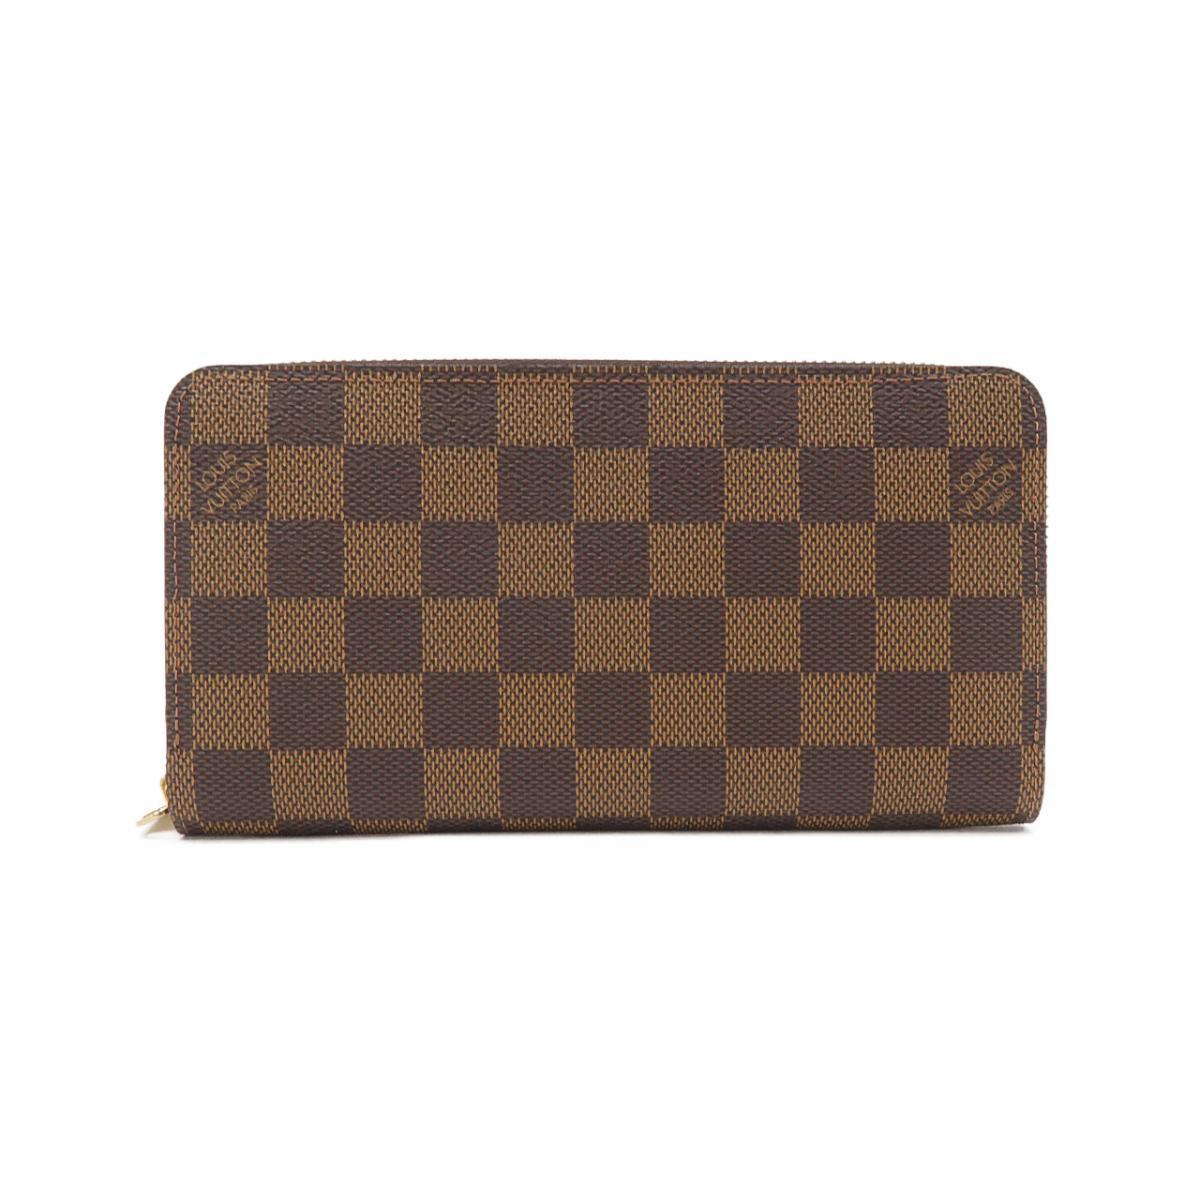 ルイヴィトン ダミエ 財布 N60015【中古】